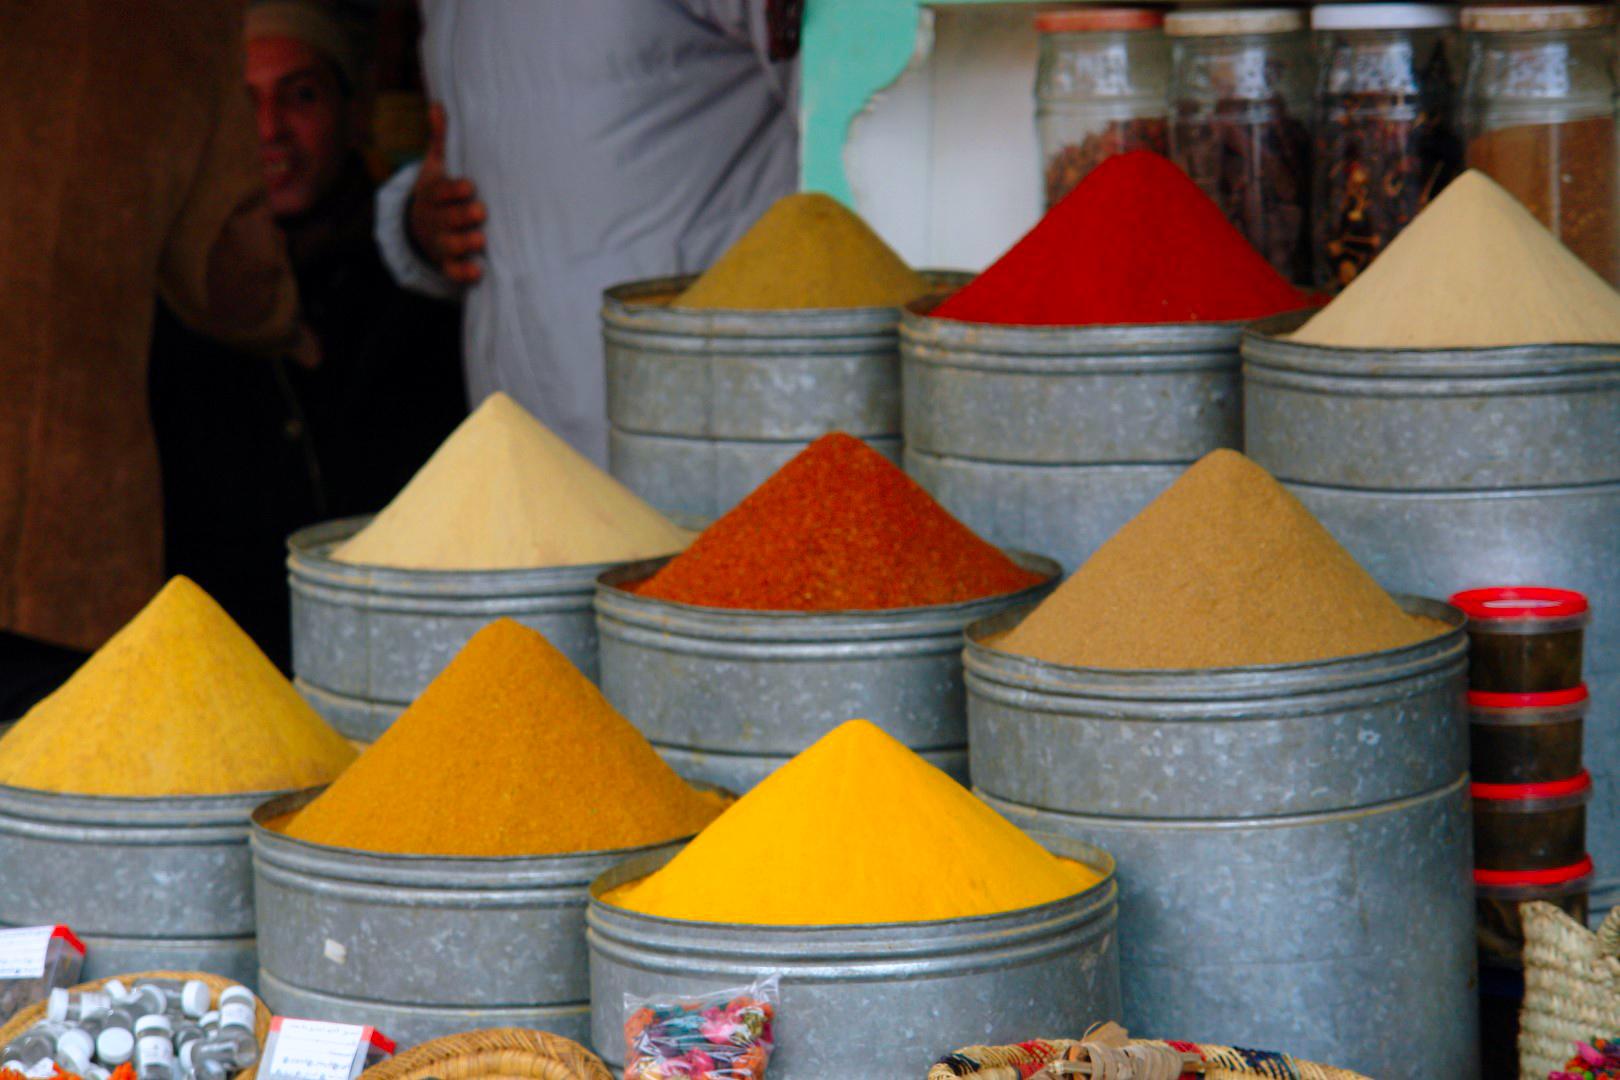 Qué ver en Marruecos - What to visit in Morocco qué ver en marruecos - 34297885210 1f01ca9295 o - Qué ver en Marruecos